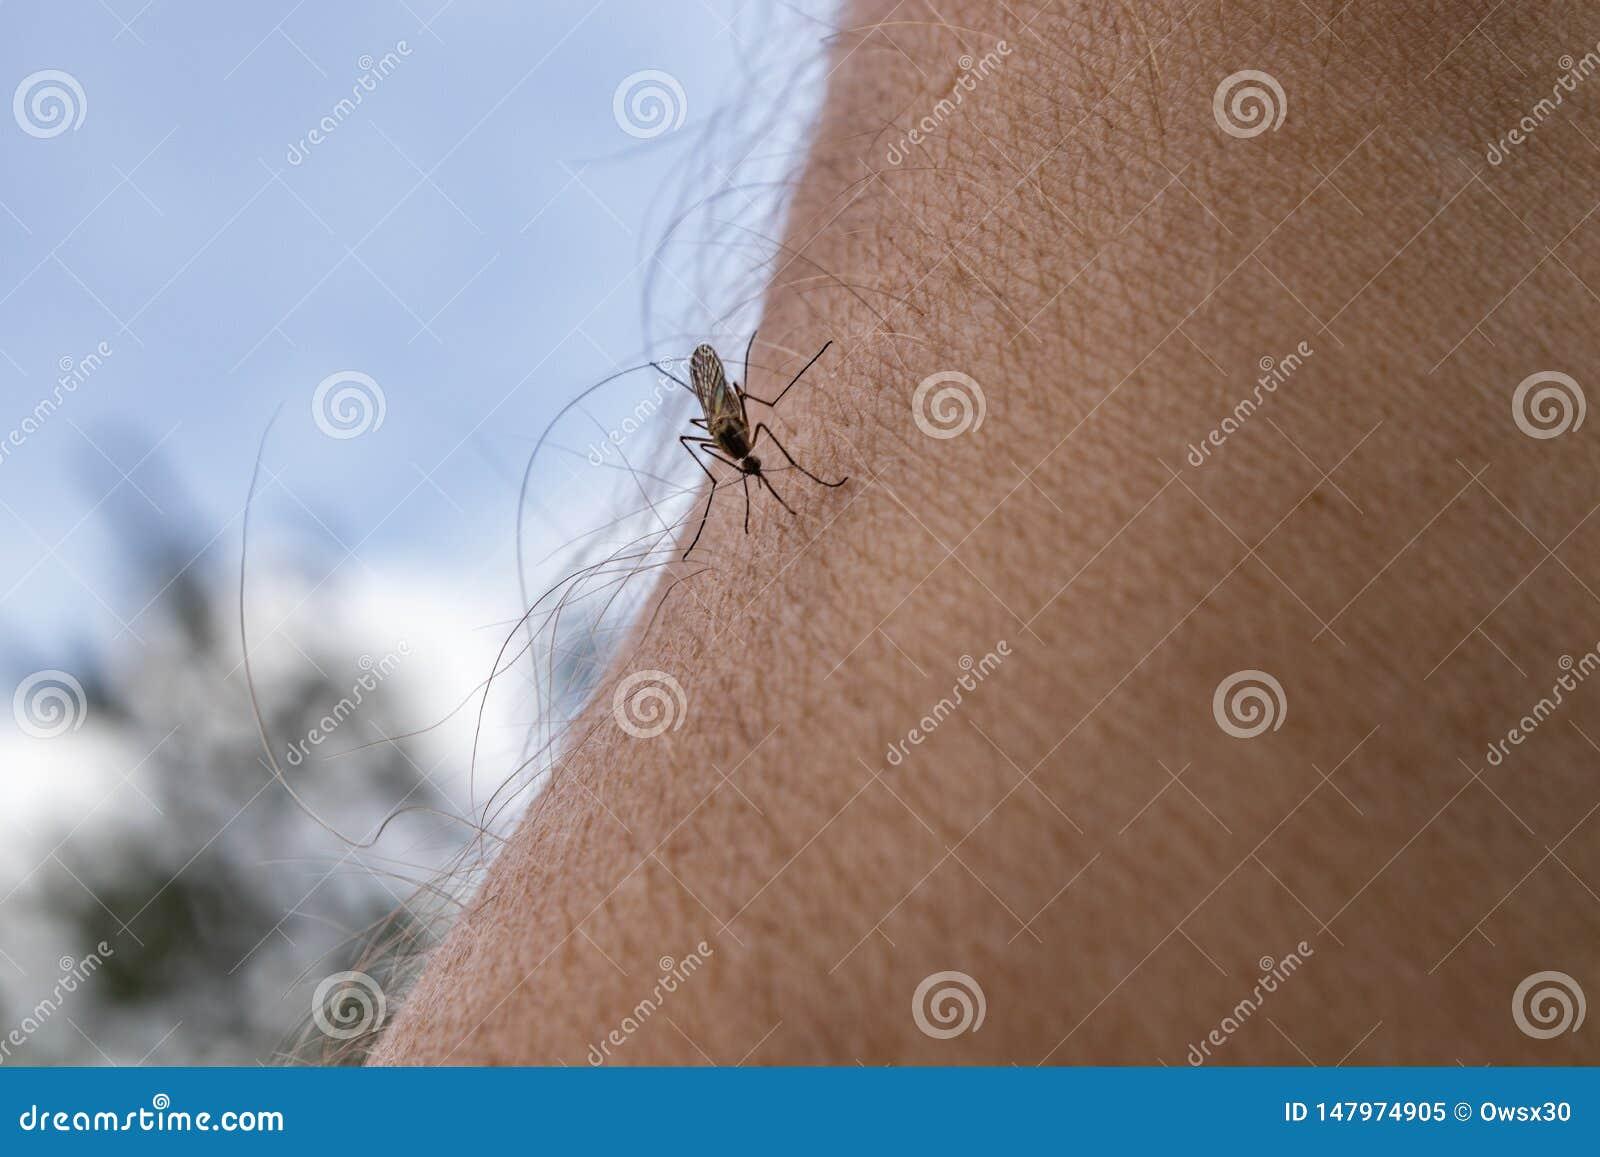 Ένα κουνούπι κάθεται σε ετοιμότητα, διαπερνά το δέρμα και απορροφά το ανθρώπινο αίμα Προκαλεί την ελονοσία ασθενειών Τα κουνούπια